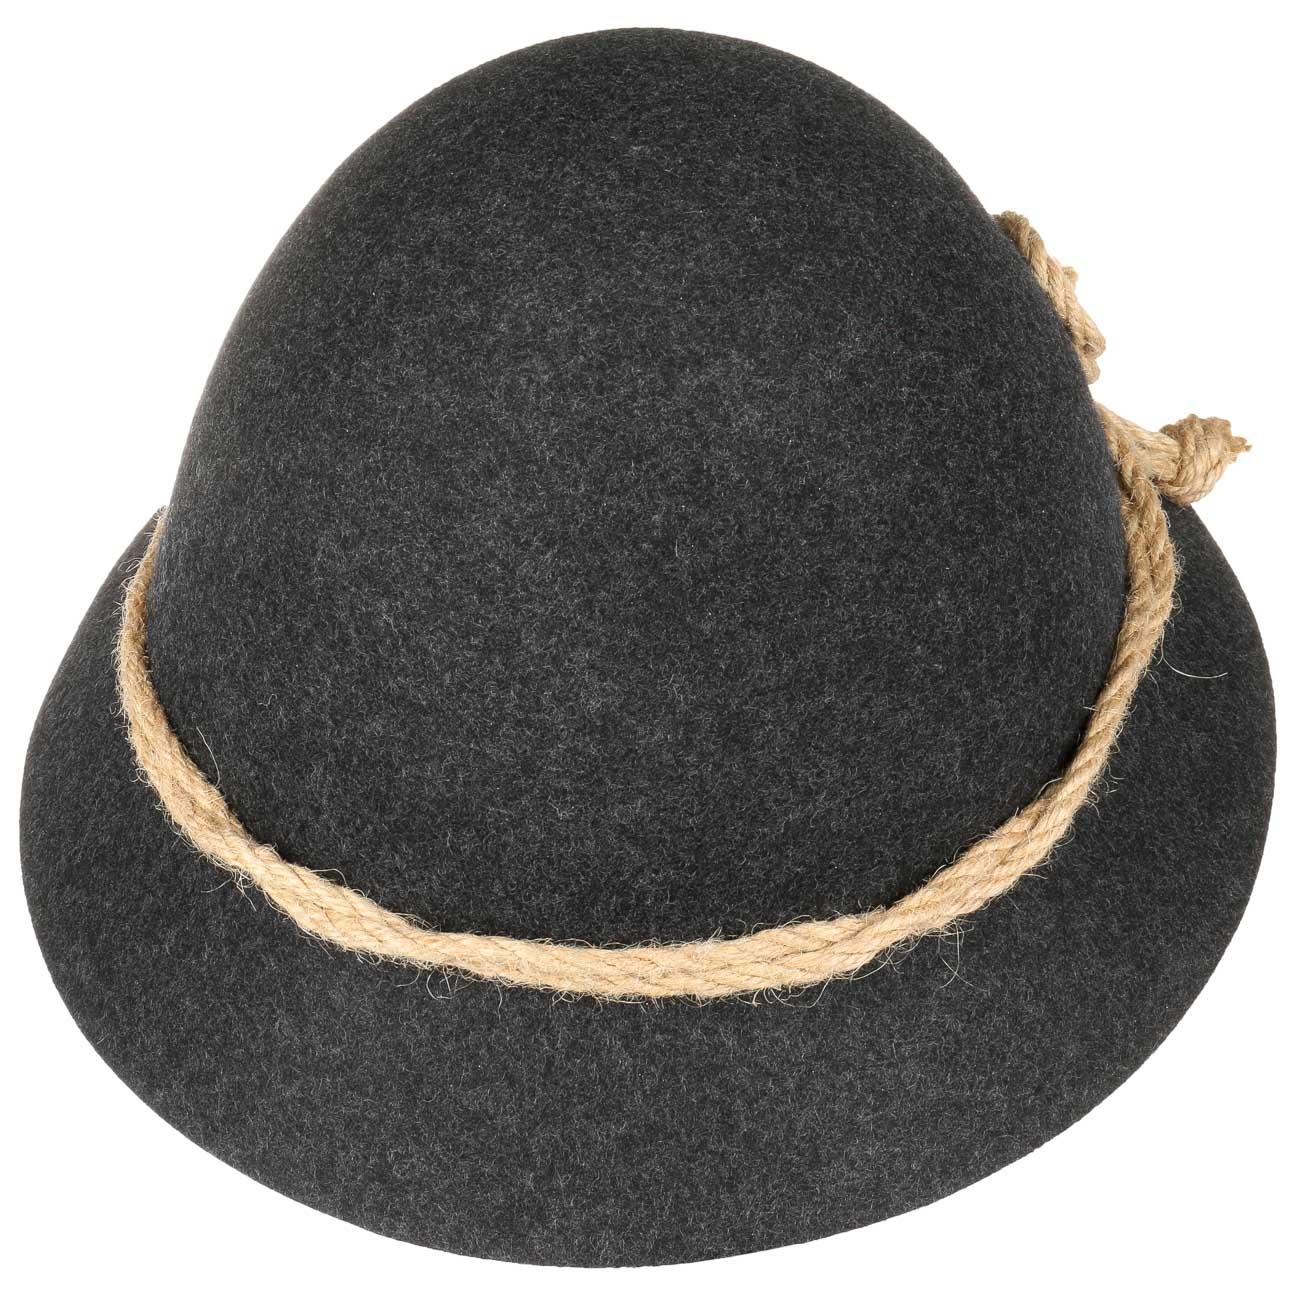 Sombrero para Niños Schinderhannes - Sombreros - sombreroshop.es 9789d3e63fa